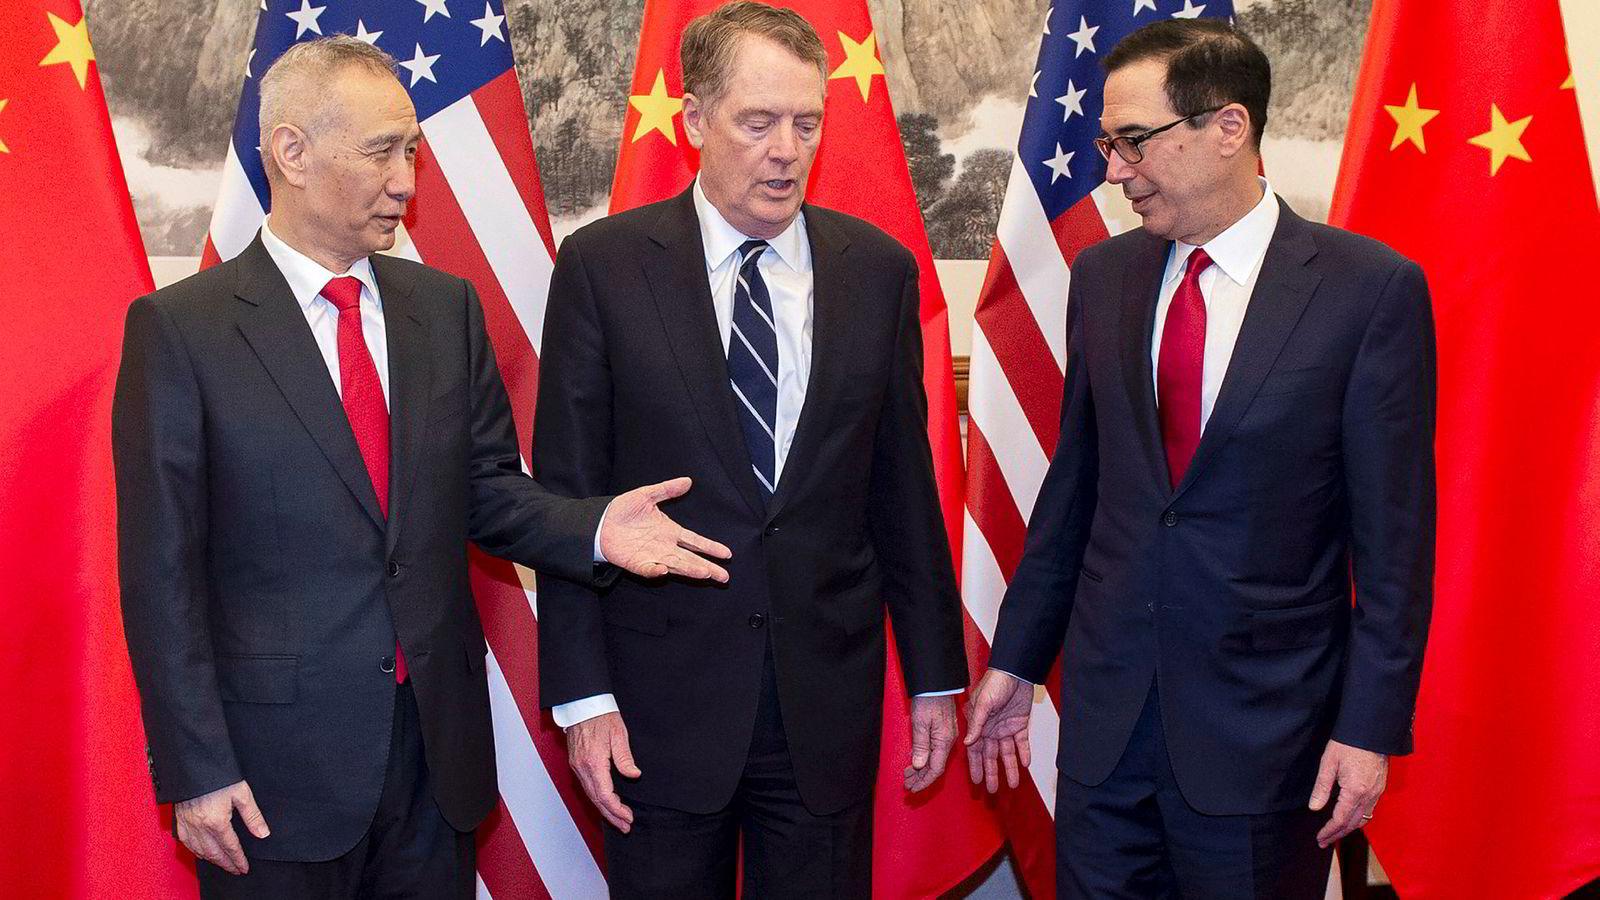 En ny runde i handelsforhandlingene mellom USA og Kina er i gang i Beijing på regjeringsnivå. Begge land melder om fremskritt og tror en avtale er innen rekkevidde.